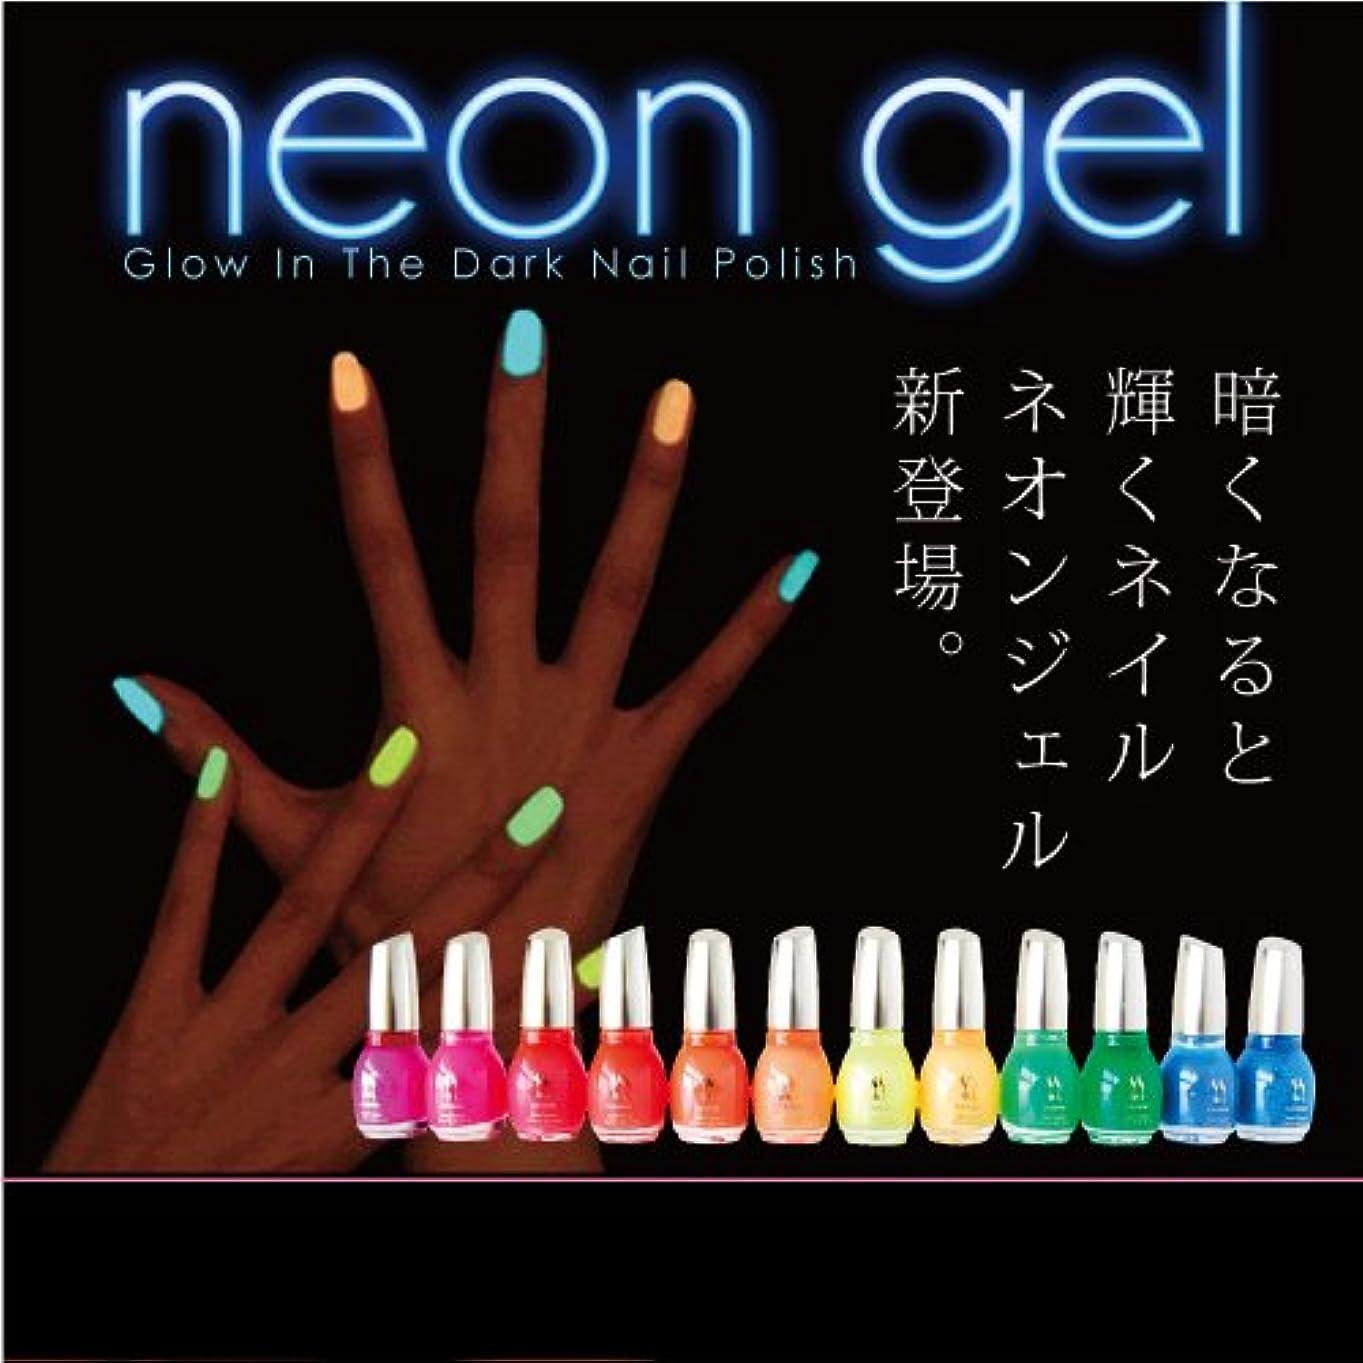 しかし静けさ緊張Neon Gel -Glow In The Dark- 蛍光ネイルポリッシュ 15ml カラー:09 チェリーオレンジ [マニキュア ネイルカラー ジェルネイルカラー ネイルポリッシュ SHANTI]